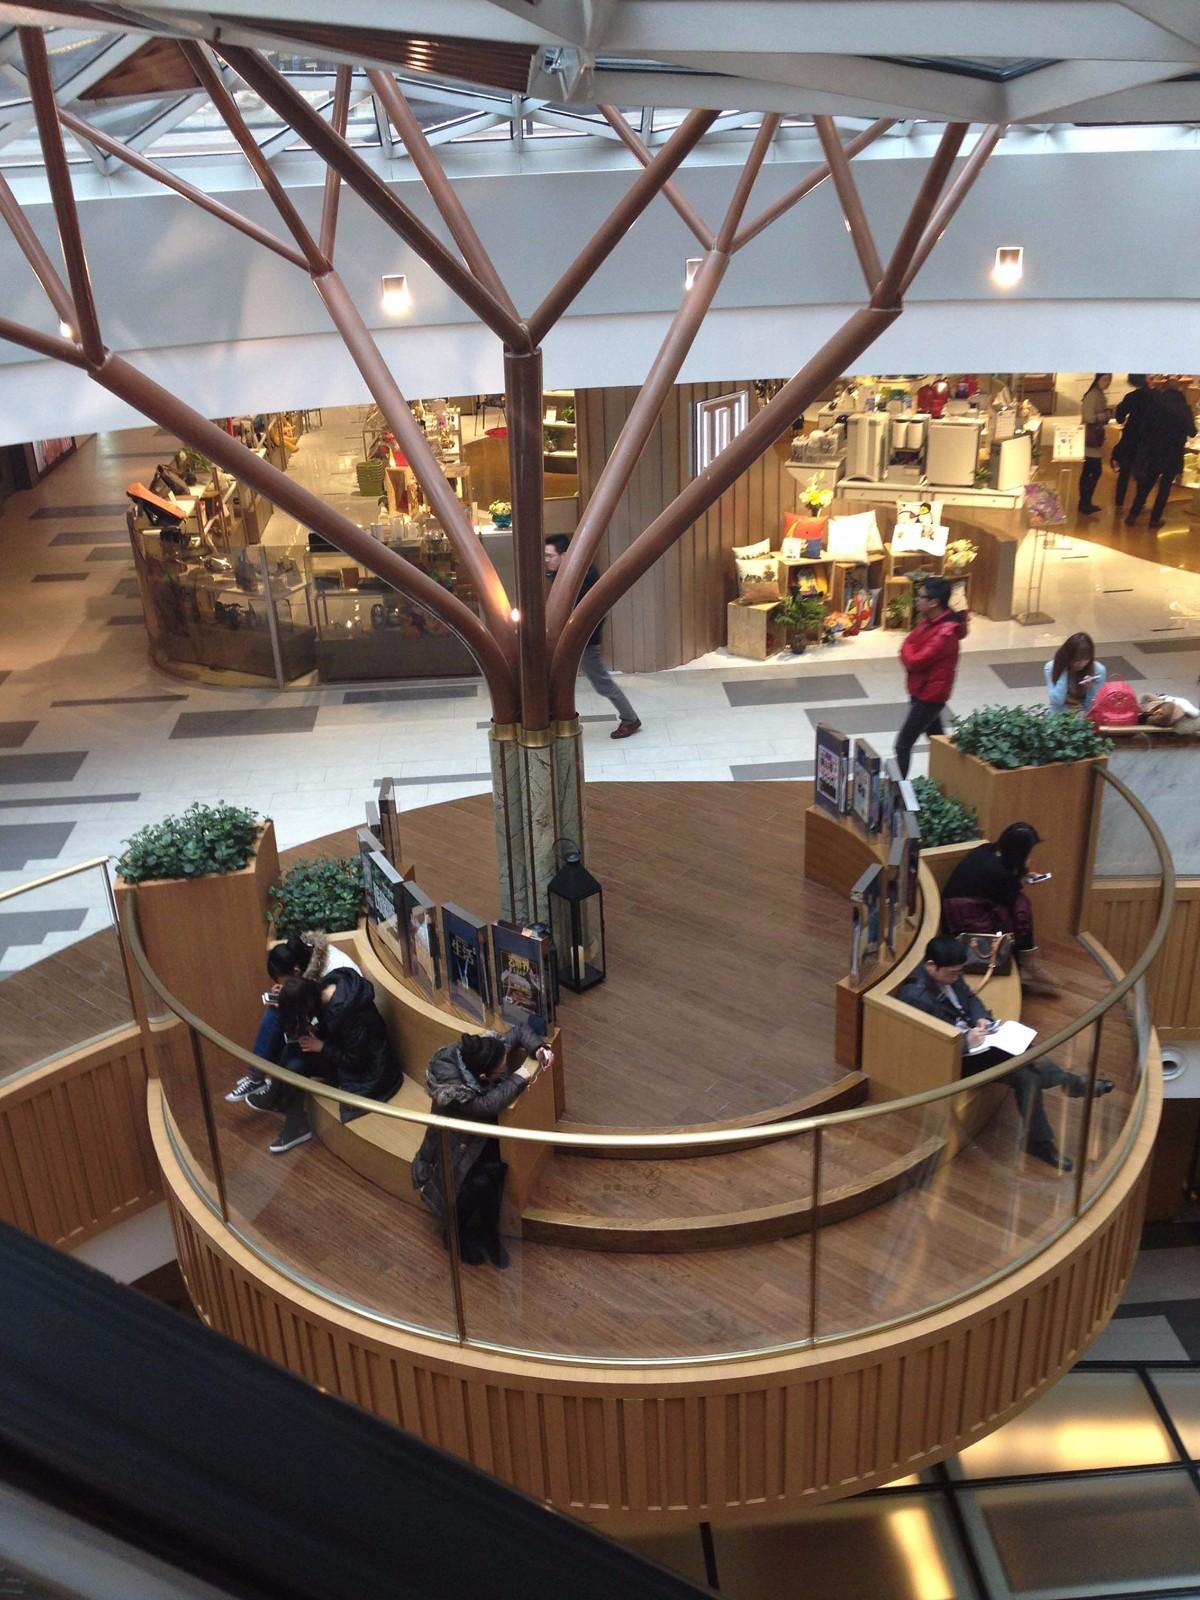 未来风格购物中心设计概念